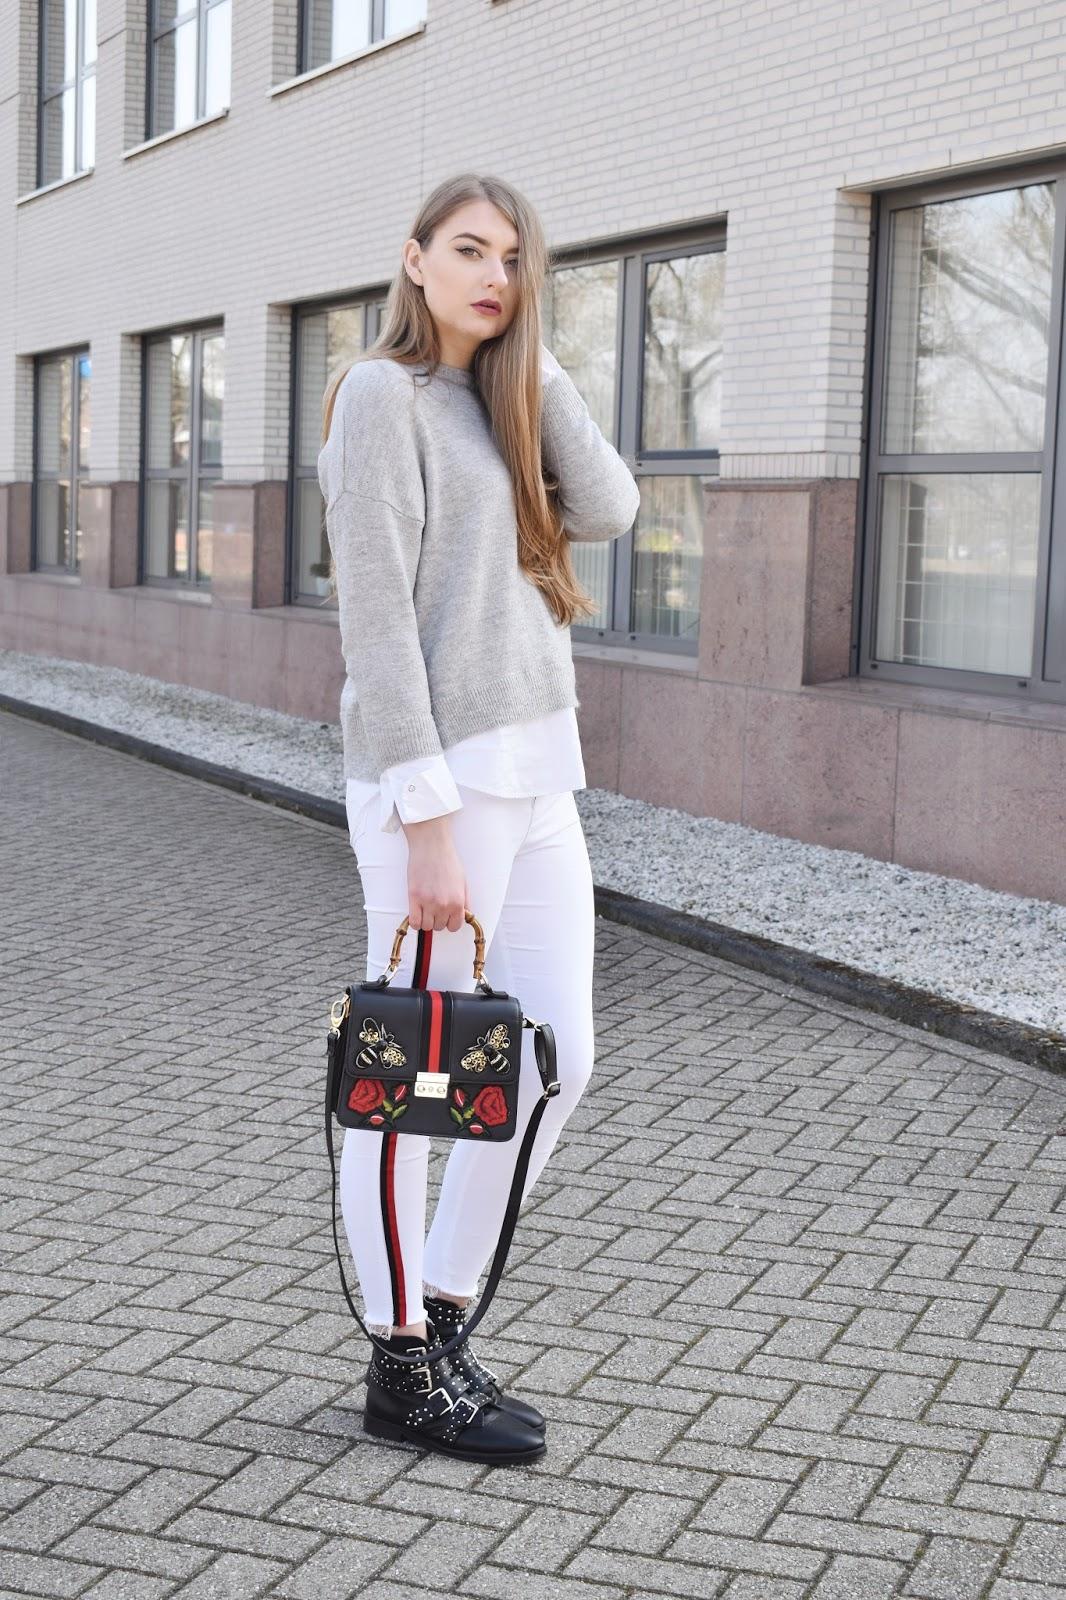 sposób na białe spodnie